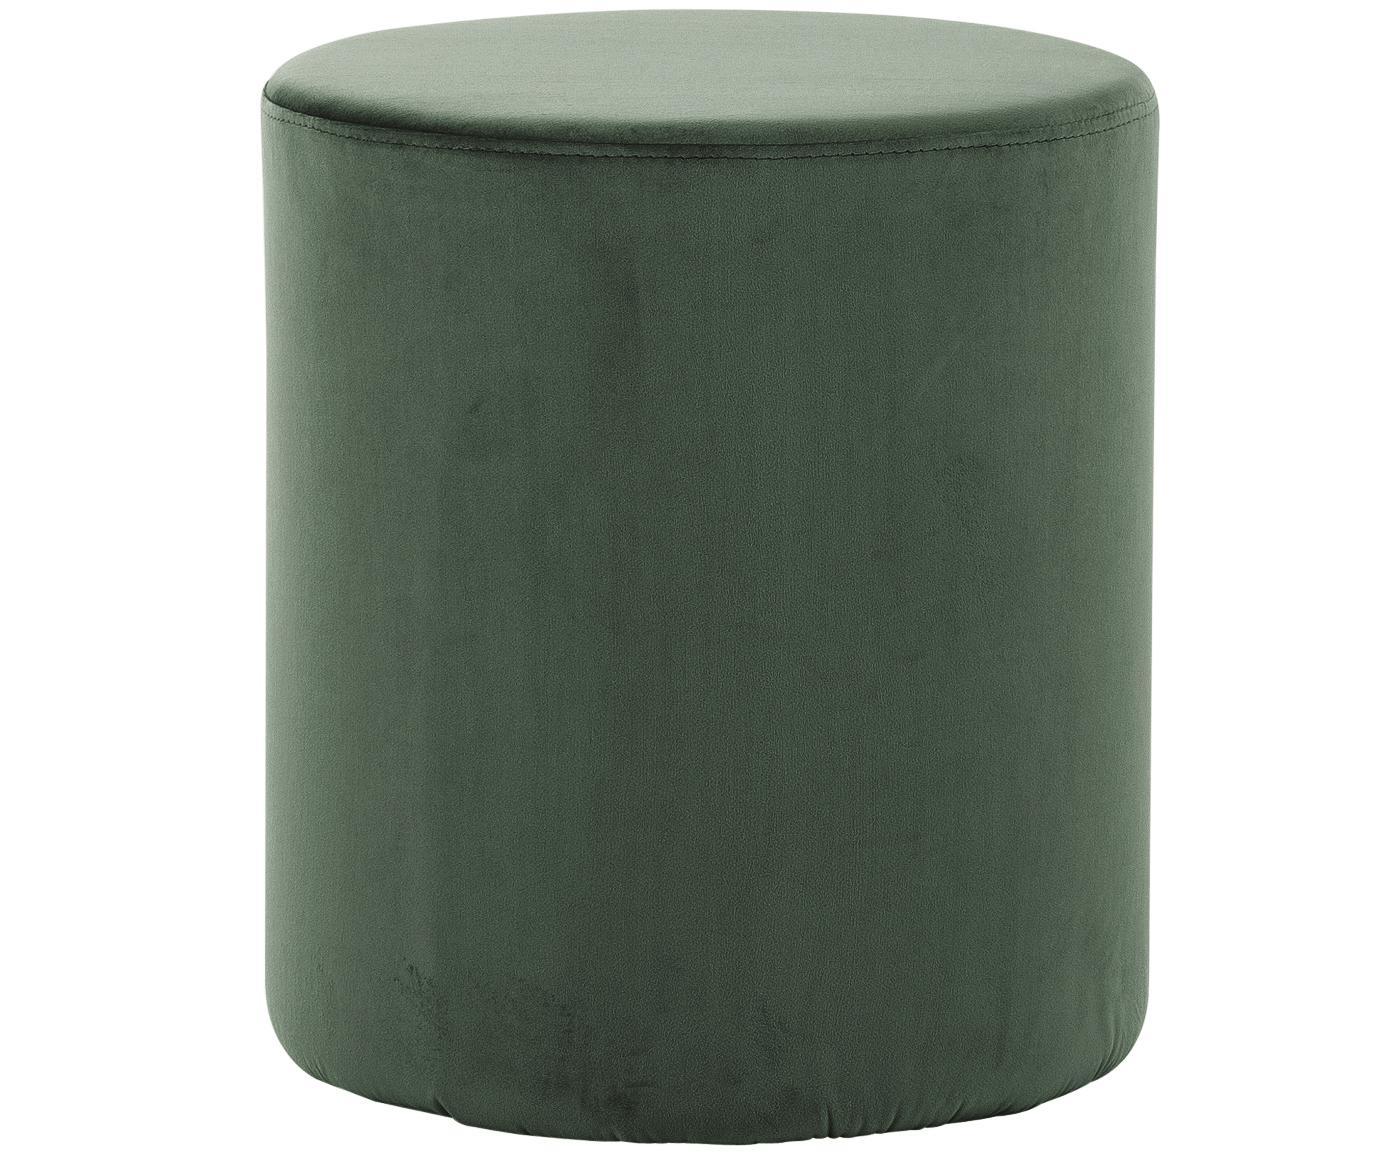 Puf de terciopelo Daisy, Tapizado: terciopelo (poliéster) Al, Estructura: tablero de fibras de dens, Verde claro, Ø 38 x Al 45 cm